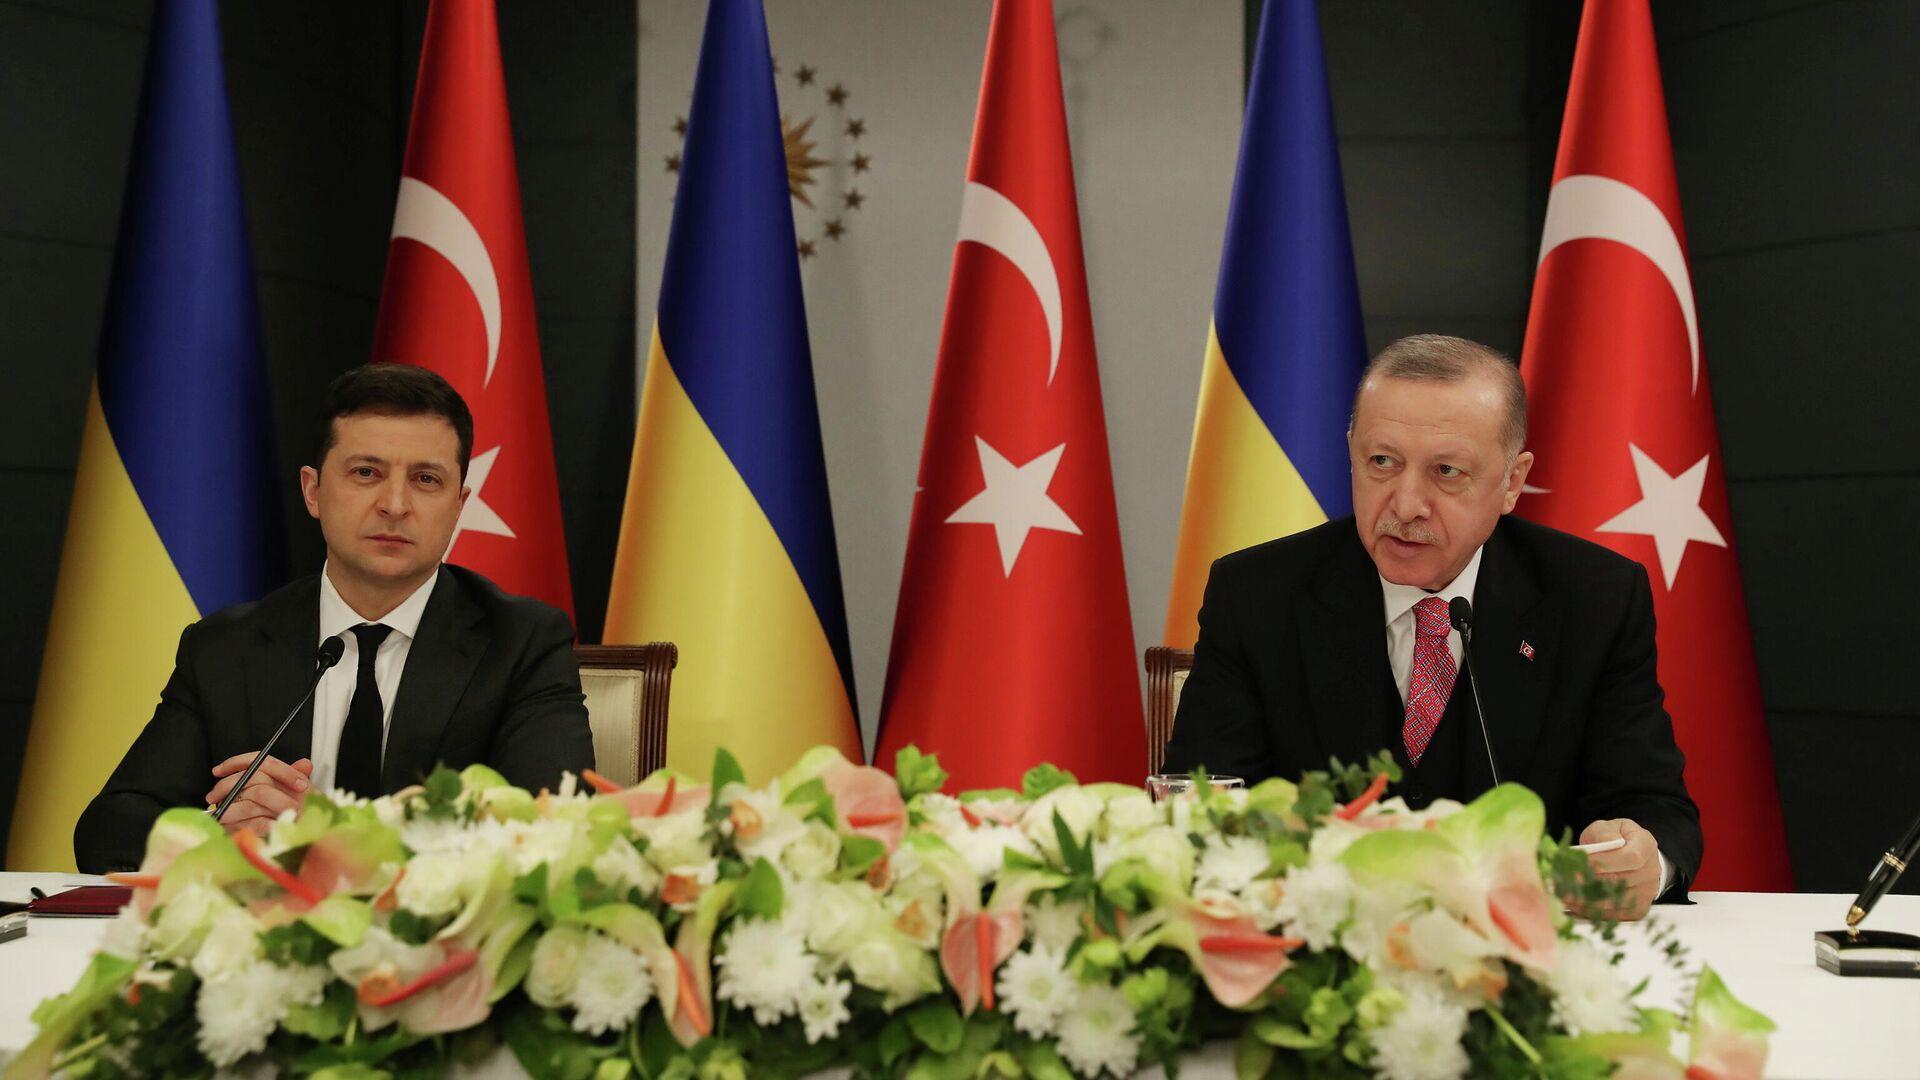 Президент Турции Тайип Эрдоган и президент Украины Владимир Зеленский во время встречи в Стамбуле, Турция - РИА Новости, 1920, 15.04.2021